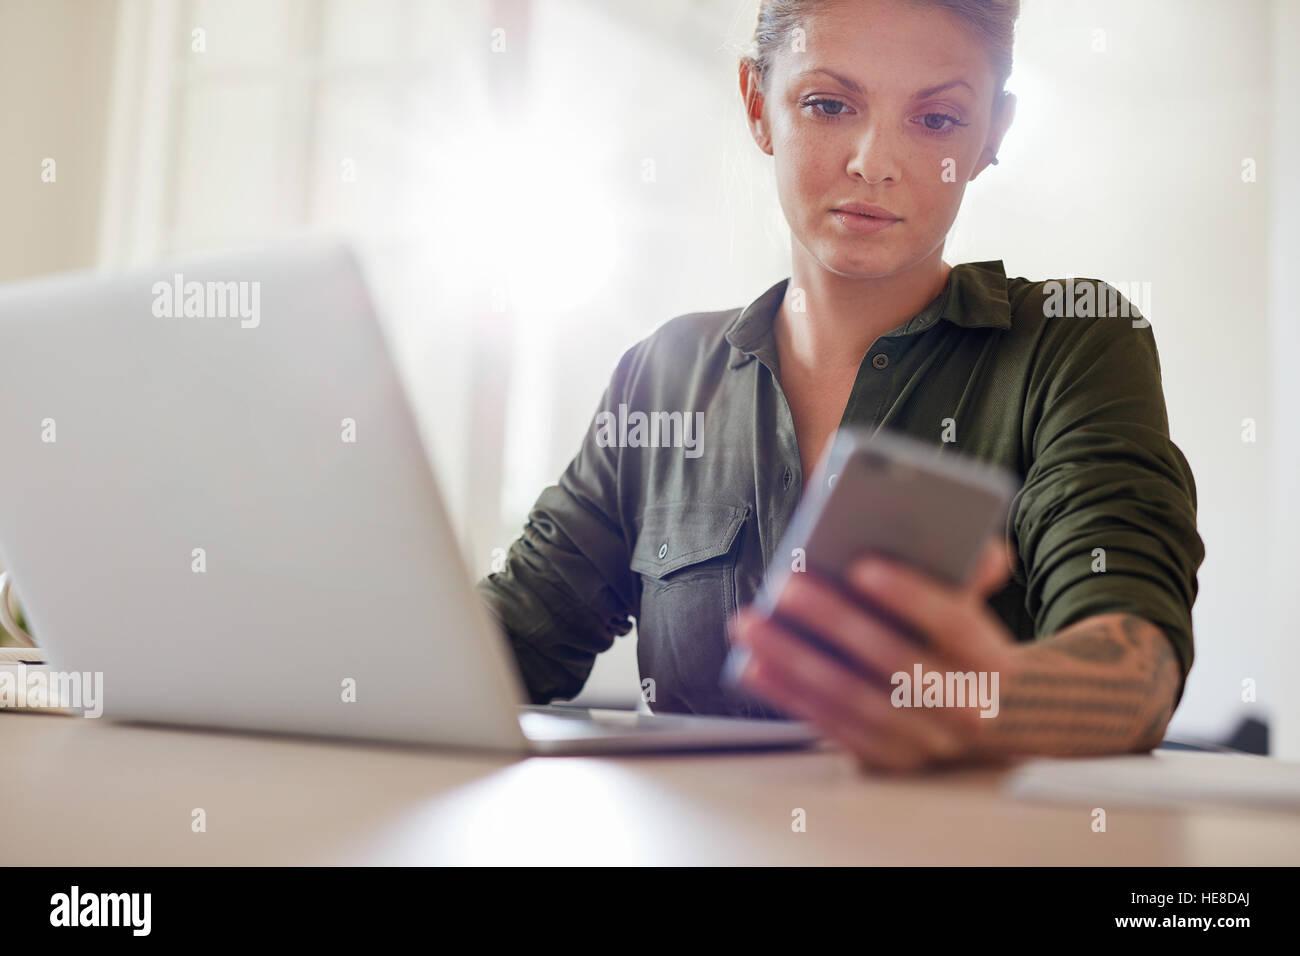 Schuss von attraktive junge Frau mit Laptop am Tisch sitzen und Lesen von SMS auf seinem Handy Stockbild